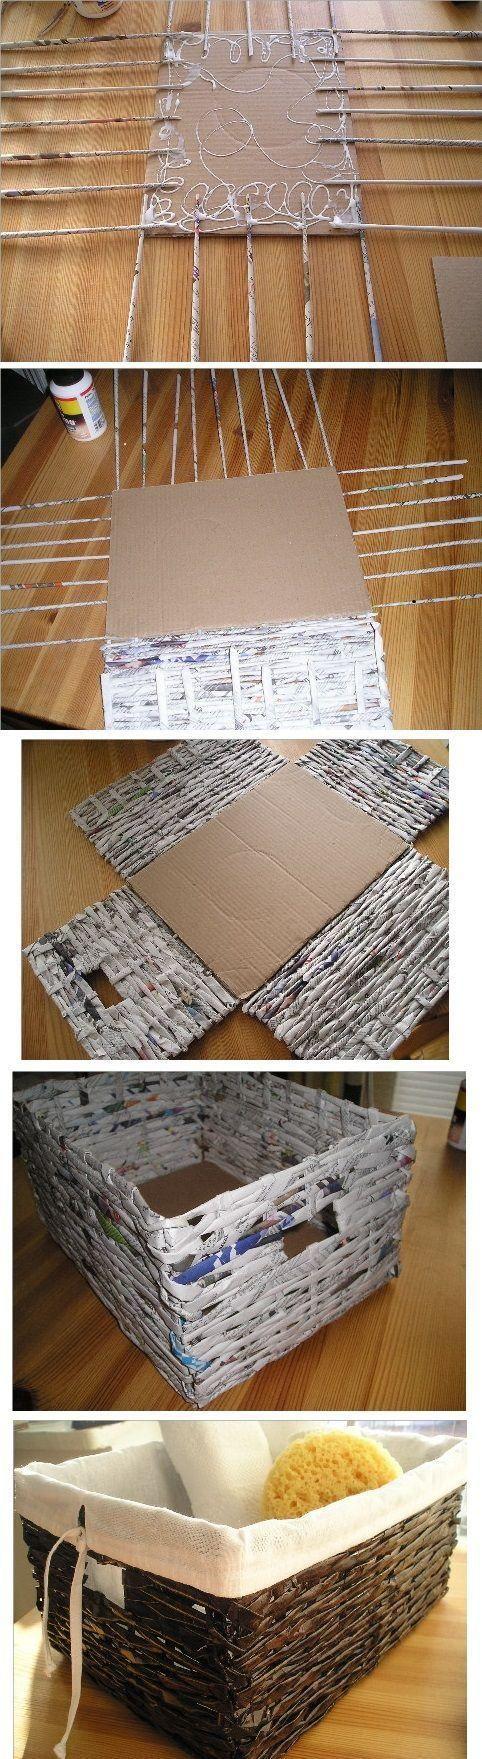 As melhores inspirações de artesanato com jornal. Veja modelos de caixas, cestos, vasos, molduras e muito mais!